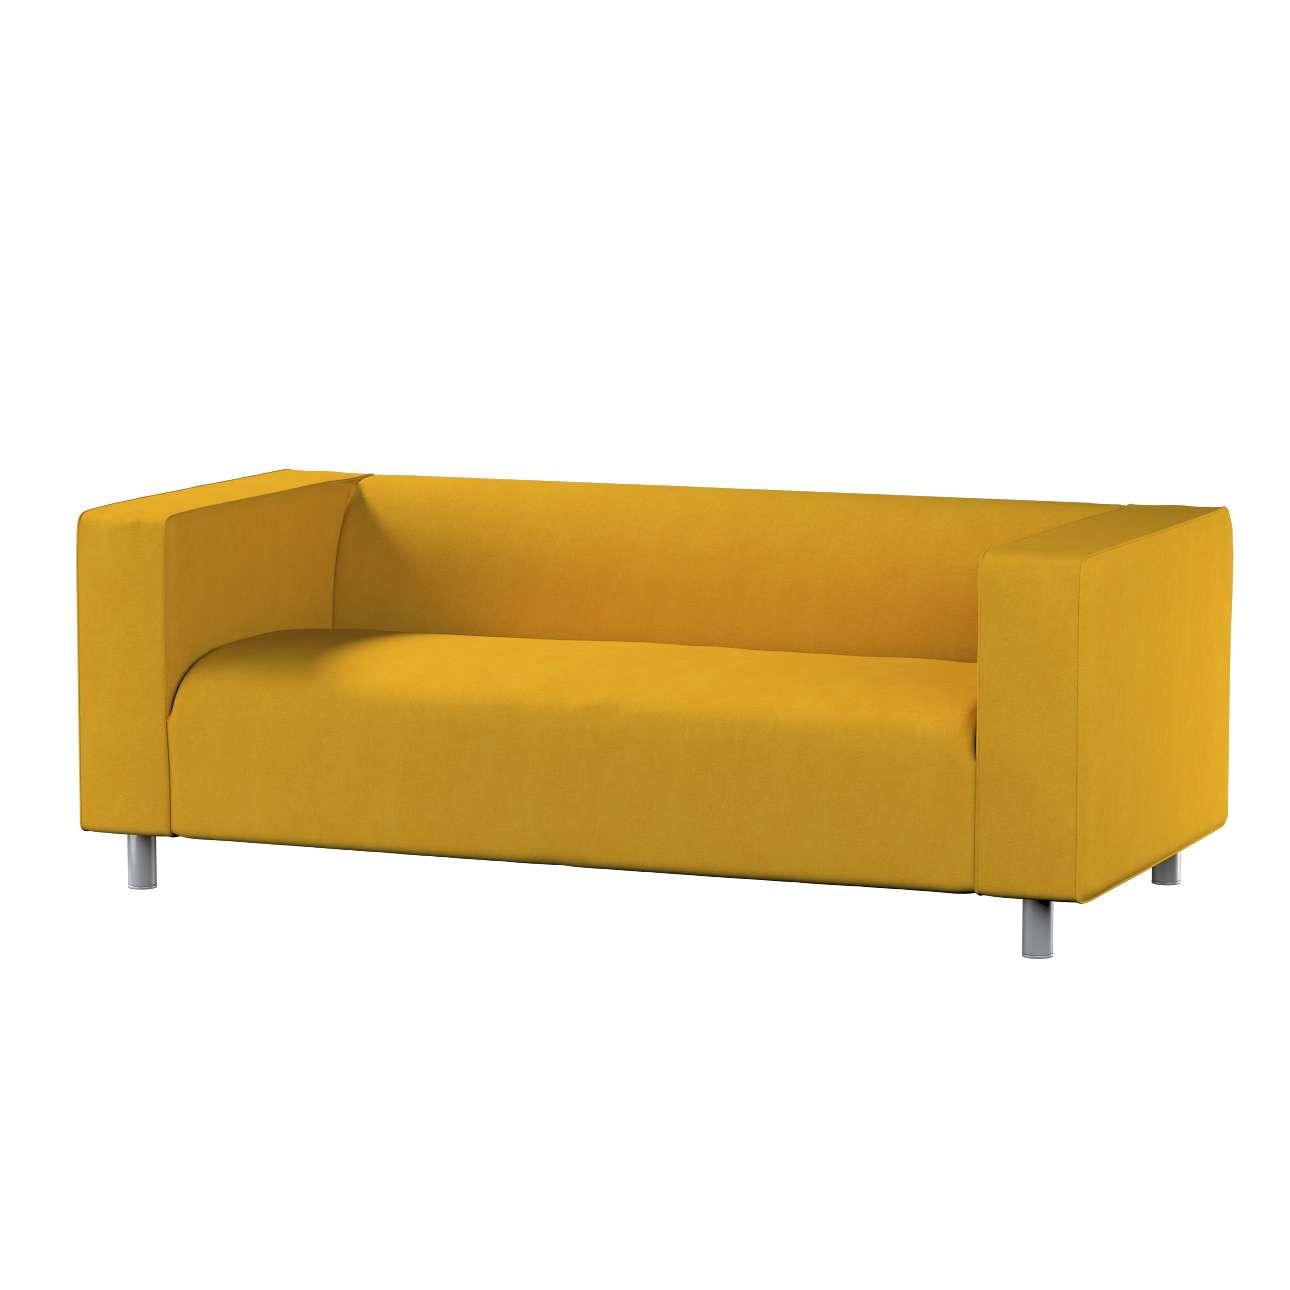 Klippan 2-Sitzer Sofabezug Sofahusse, Klippan 2-Sitzer von der Kollektion Etna, Stoff: 705-04